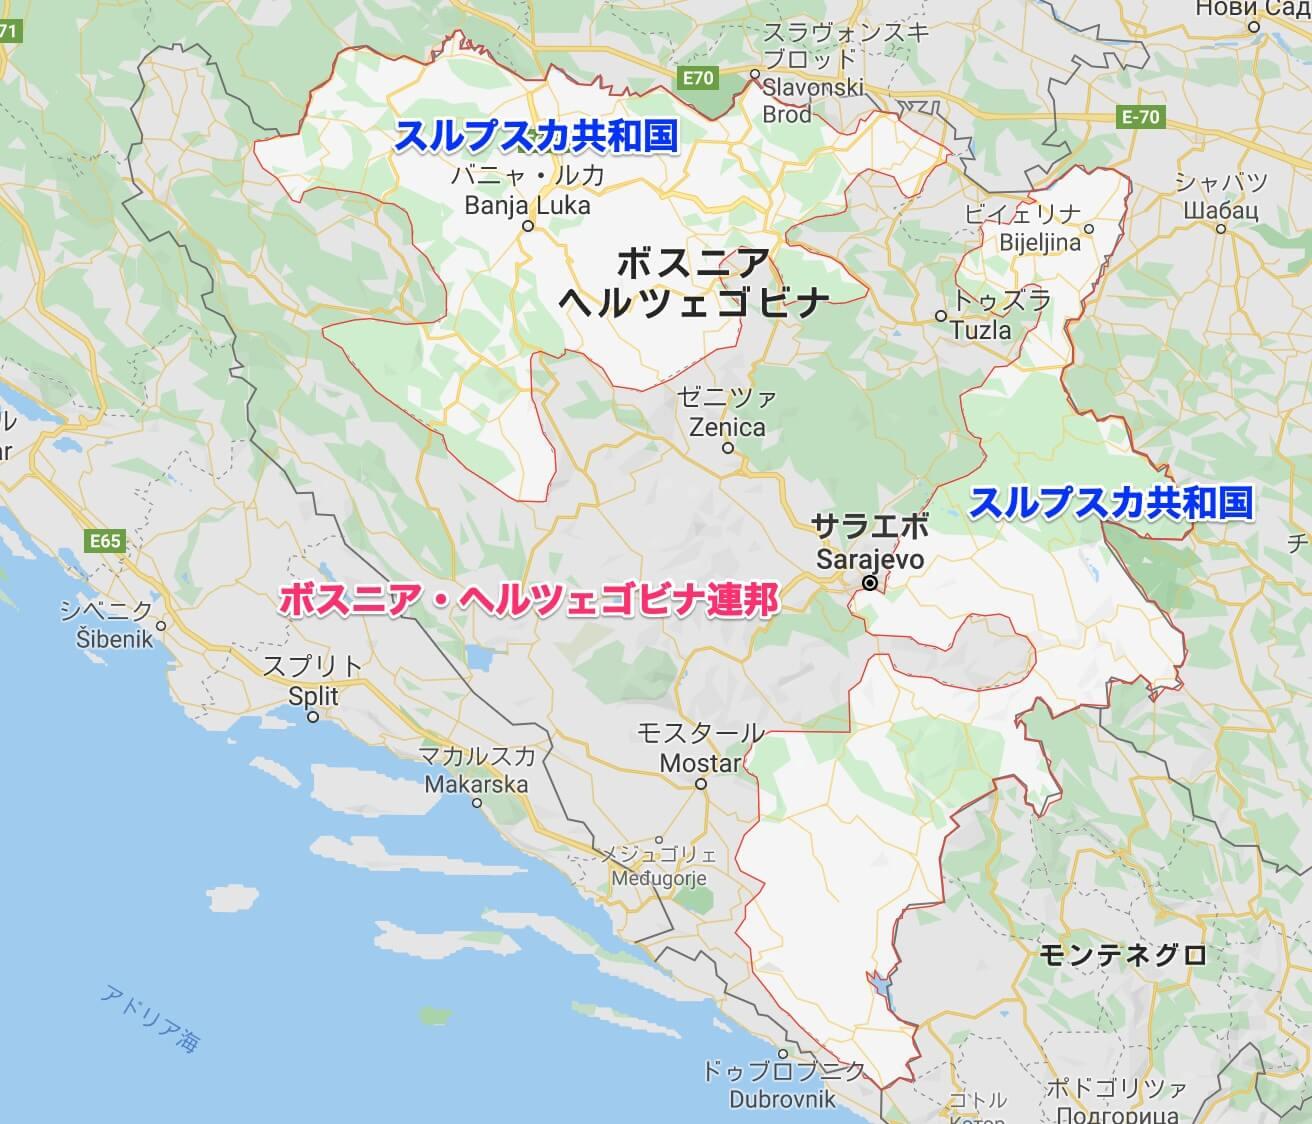 map_スルプスカ共和国【バルカン】